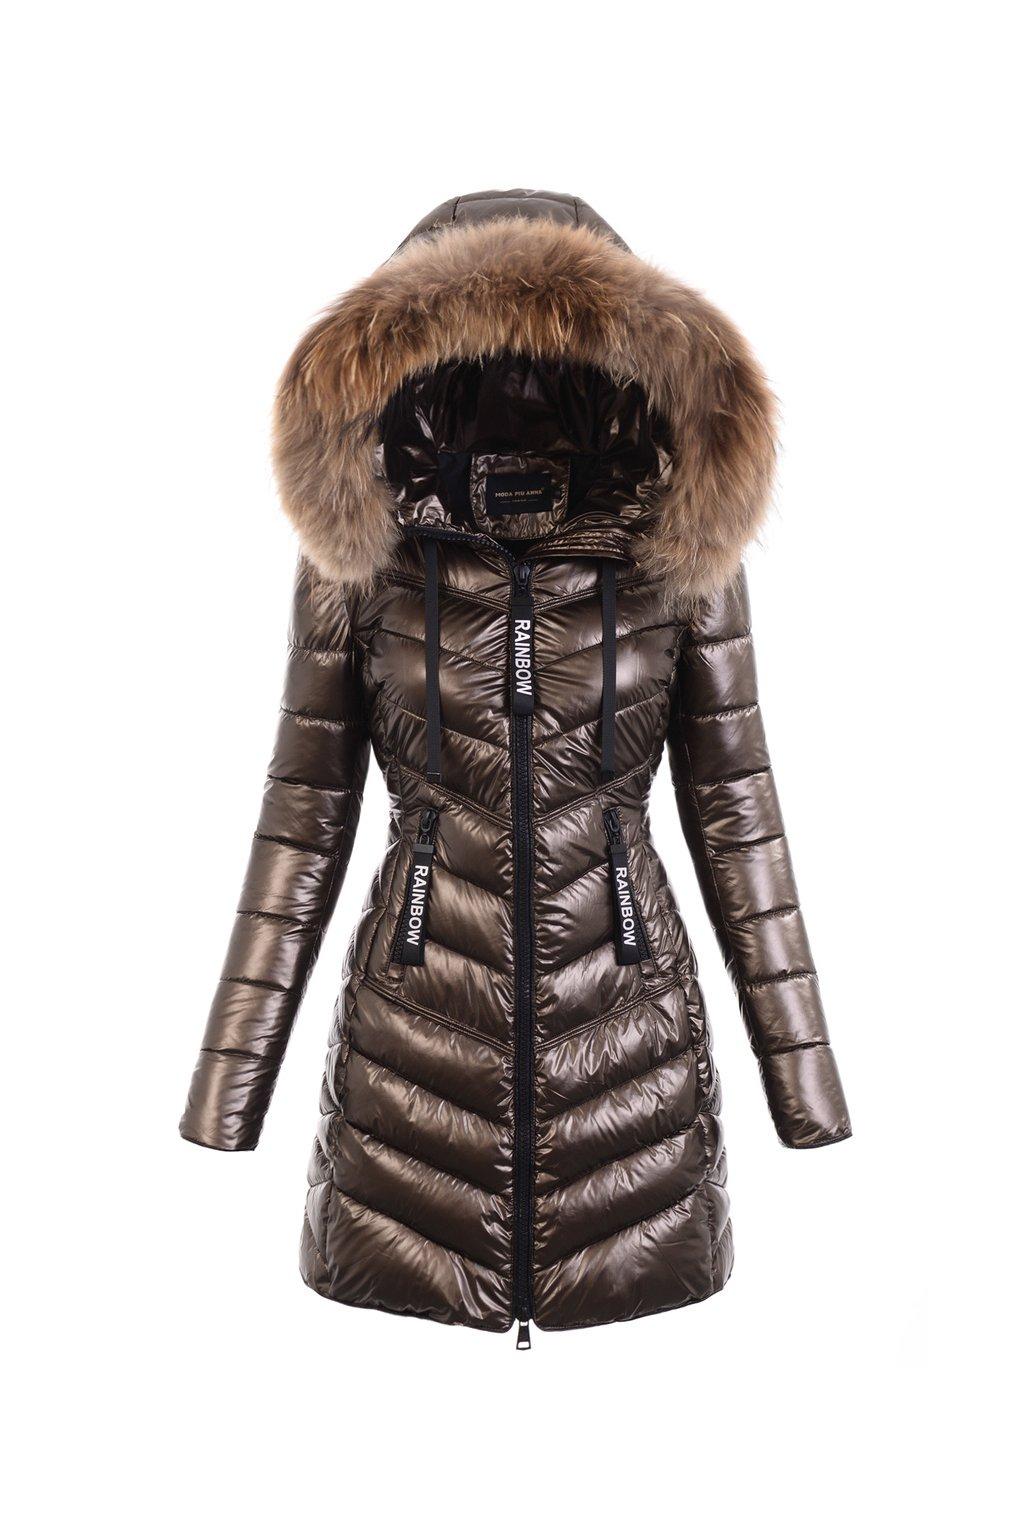 Dámska dlhá zimná bunda s pravou kožušinou  6115 hnedá